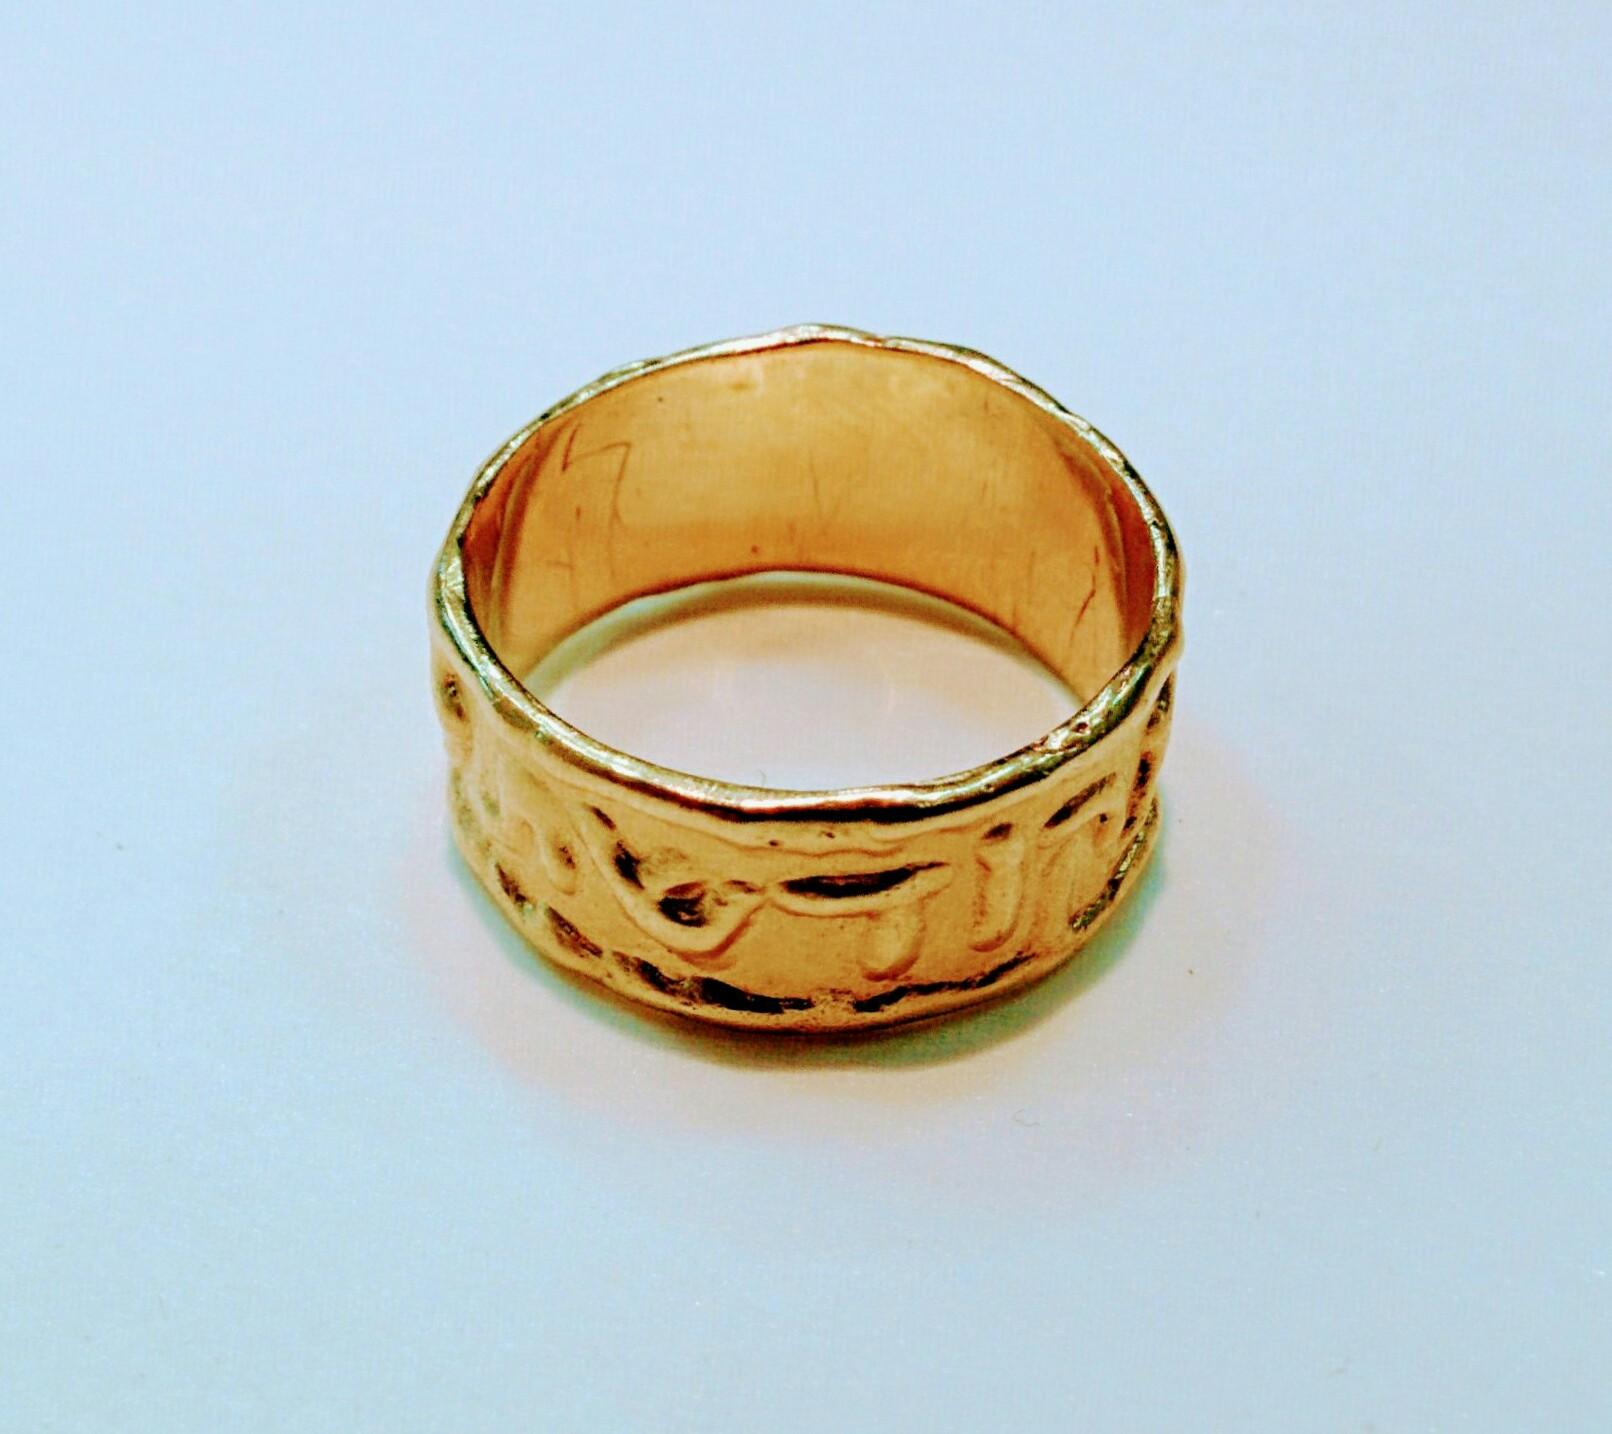 This is an image of Jewish Wedding bands, Hebrew Ring, Harei At Mekudeshet Li